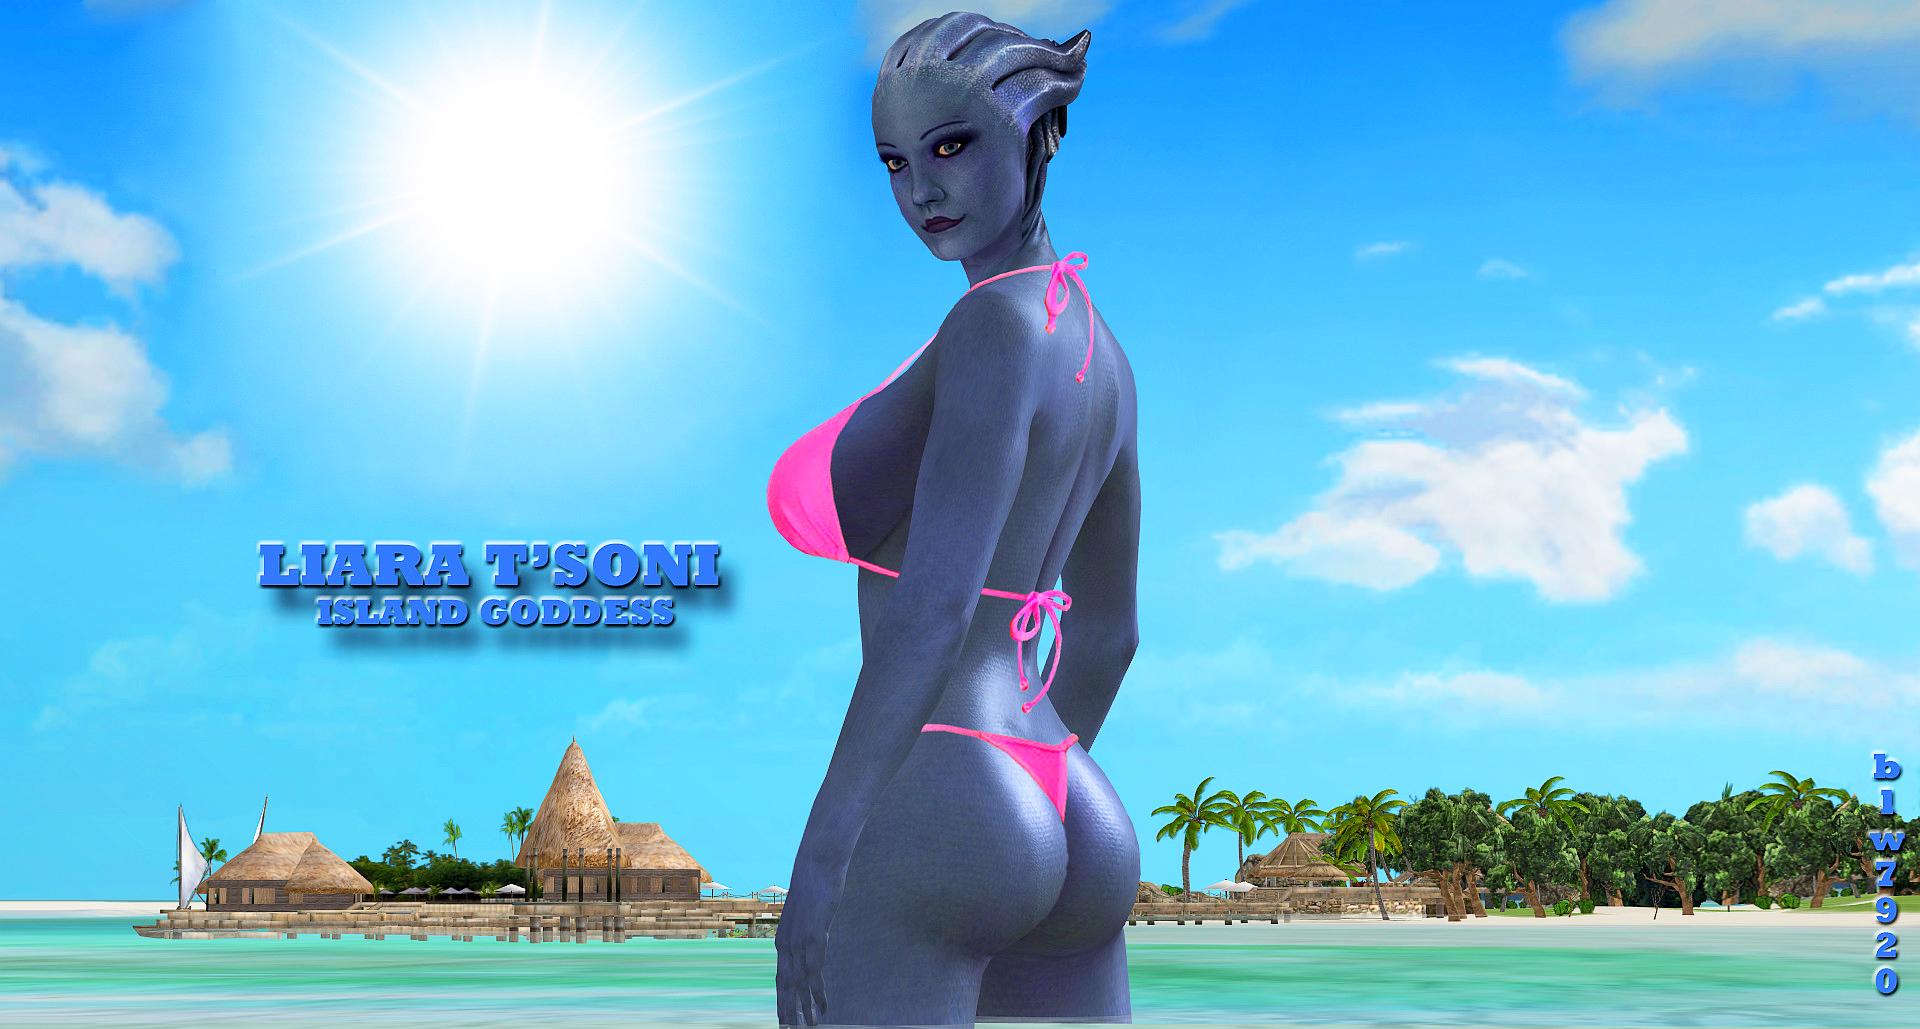 https://orig00.deviantart.net/6249/f/2014/065/9/0/liara_t_soni____island_goddess_by_blw7920-d6aivdl.jpg